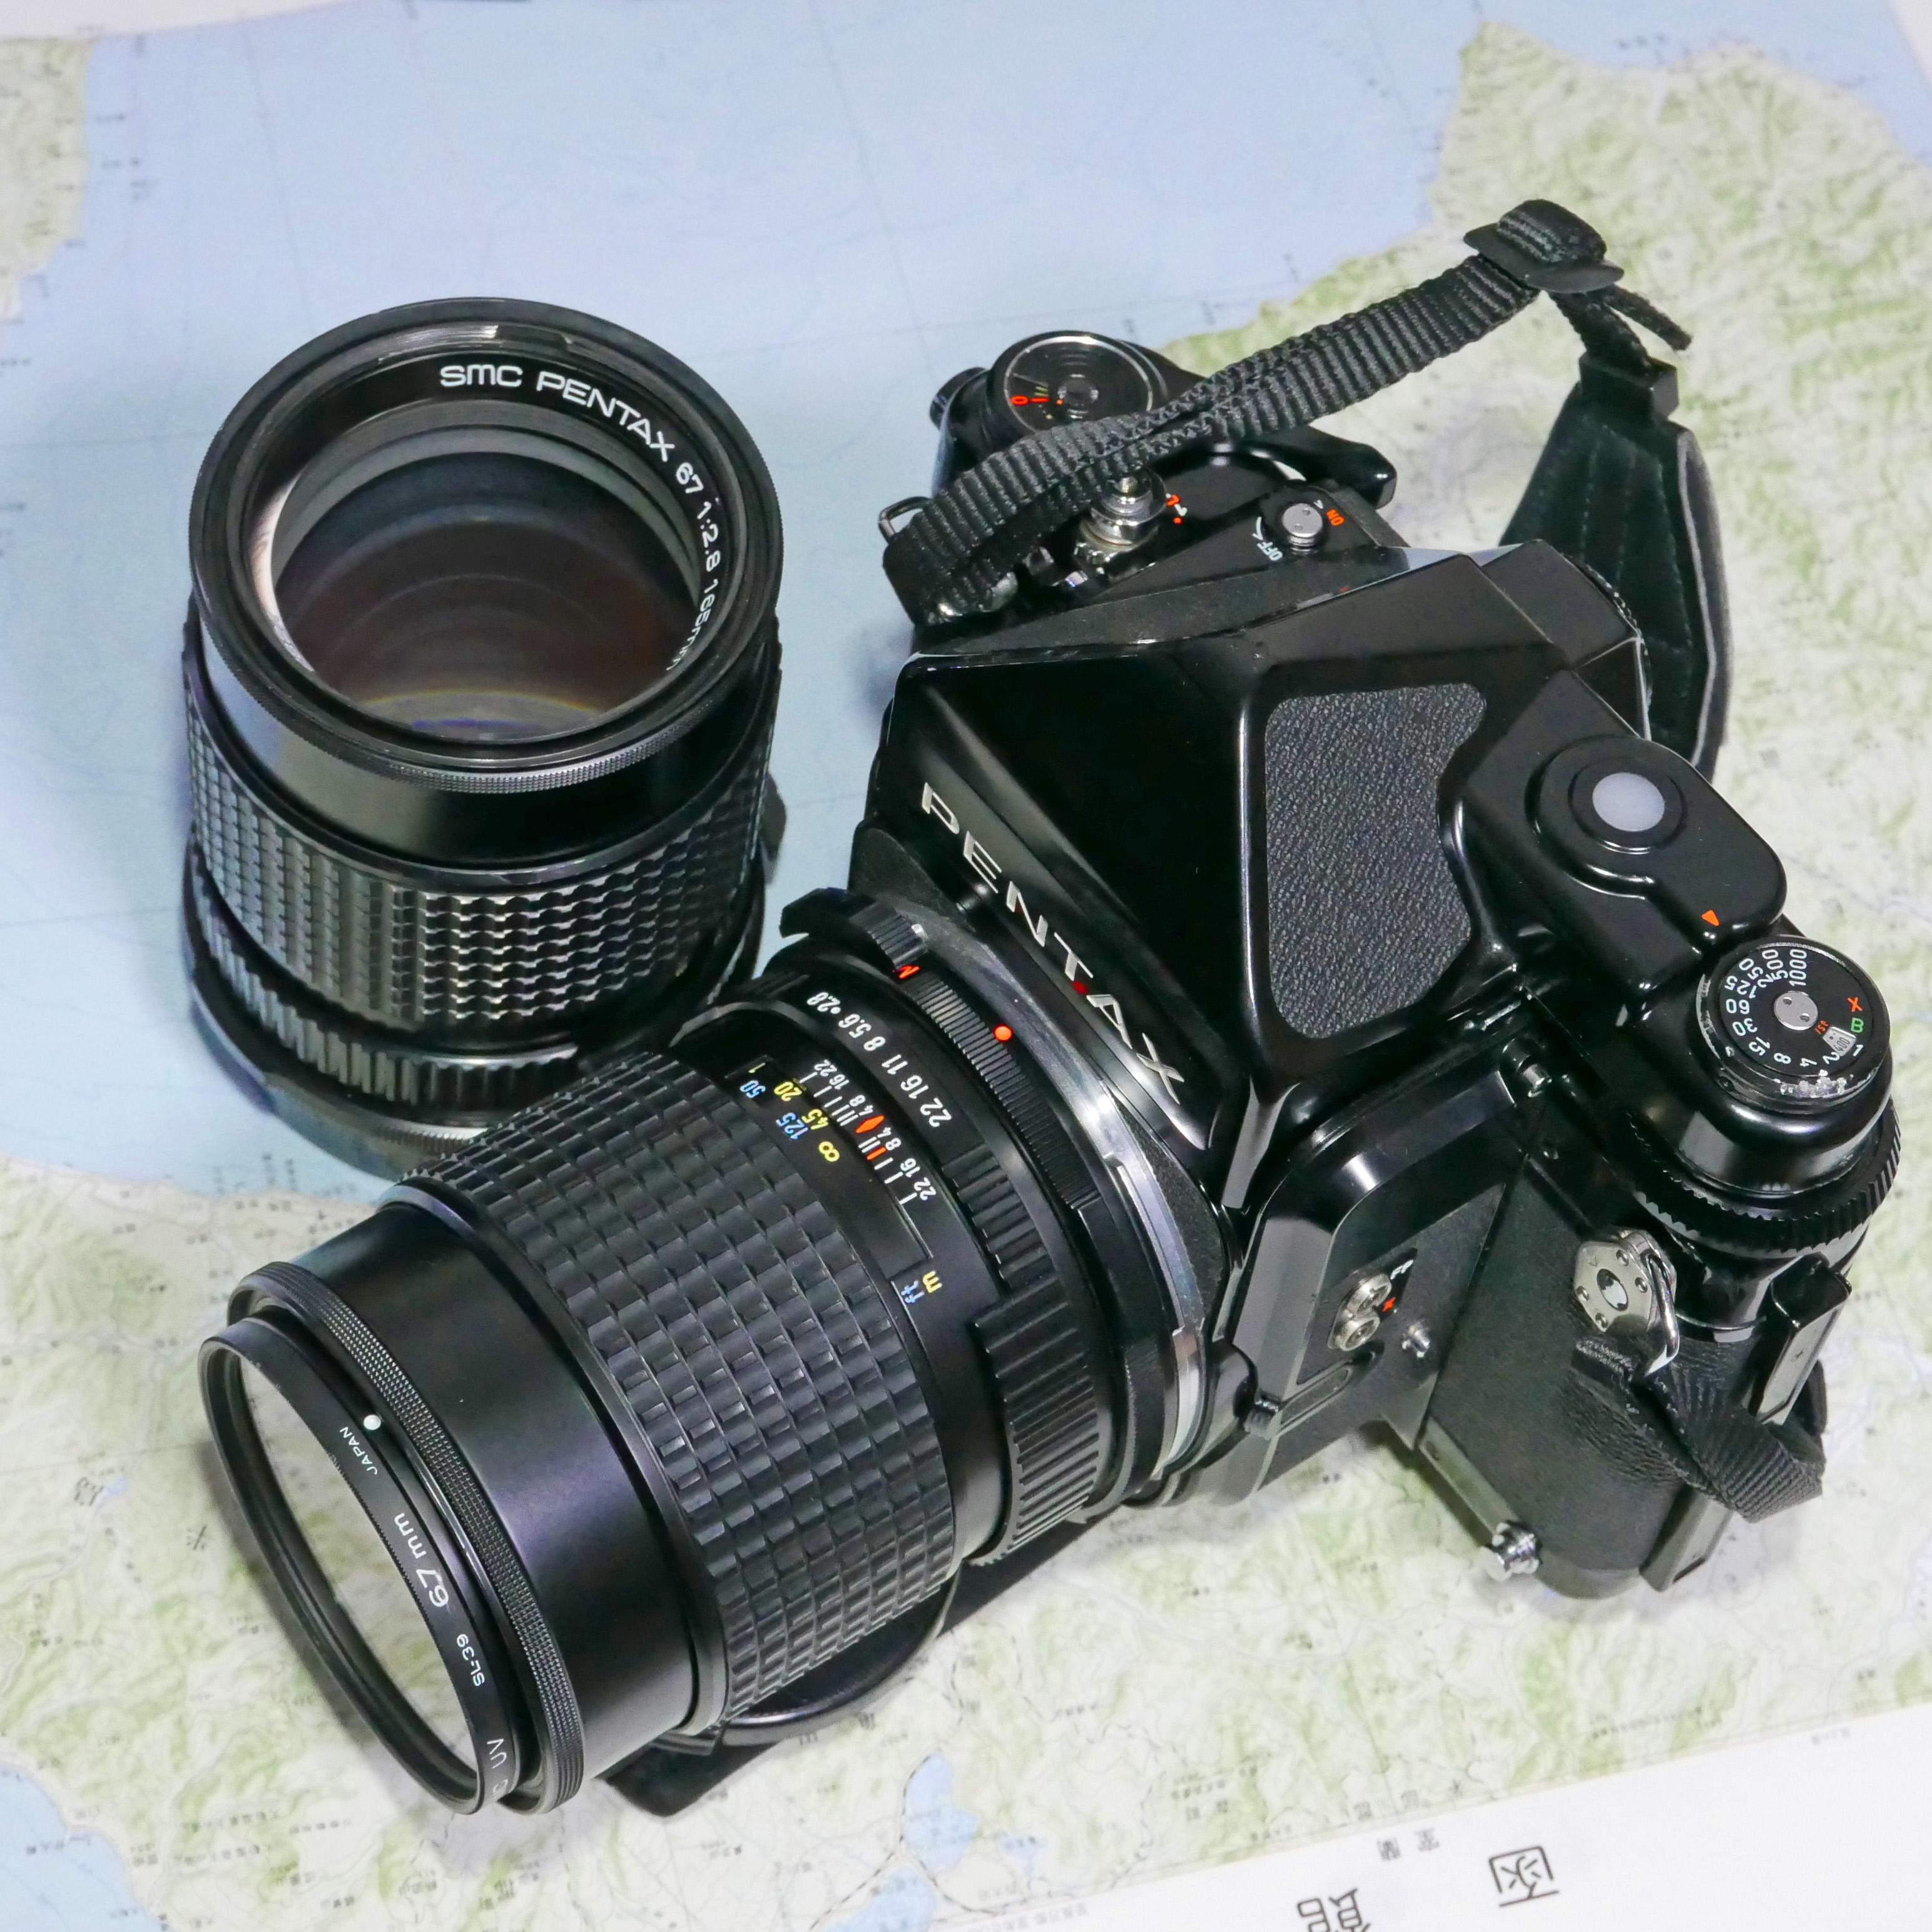 ペンタックス67 165mm